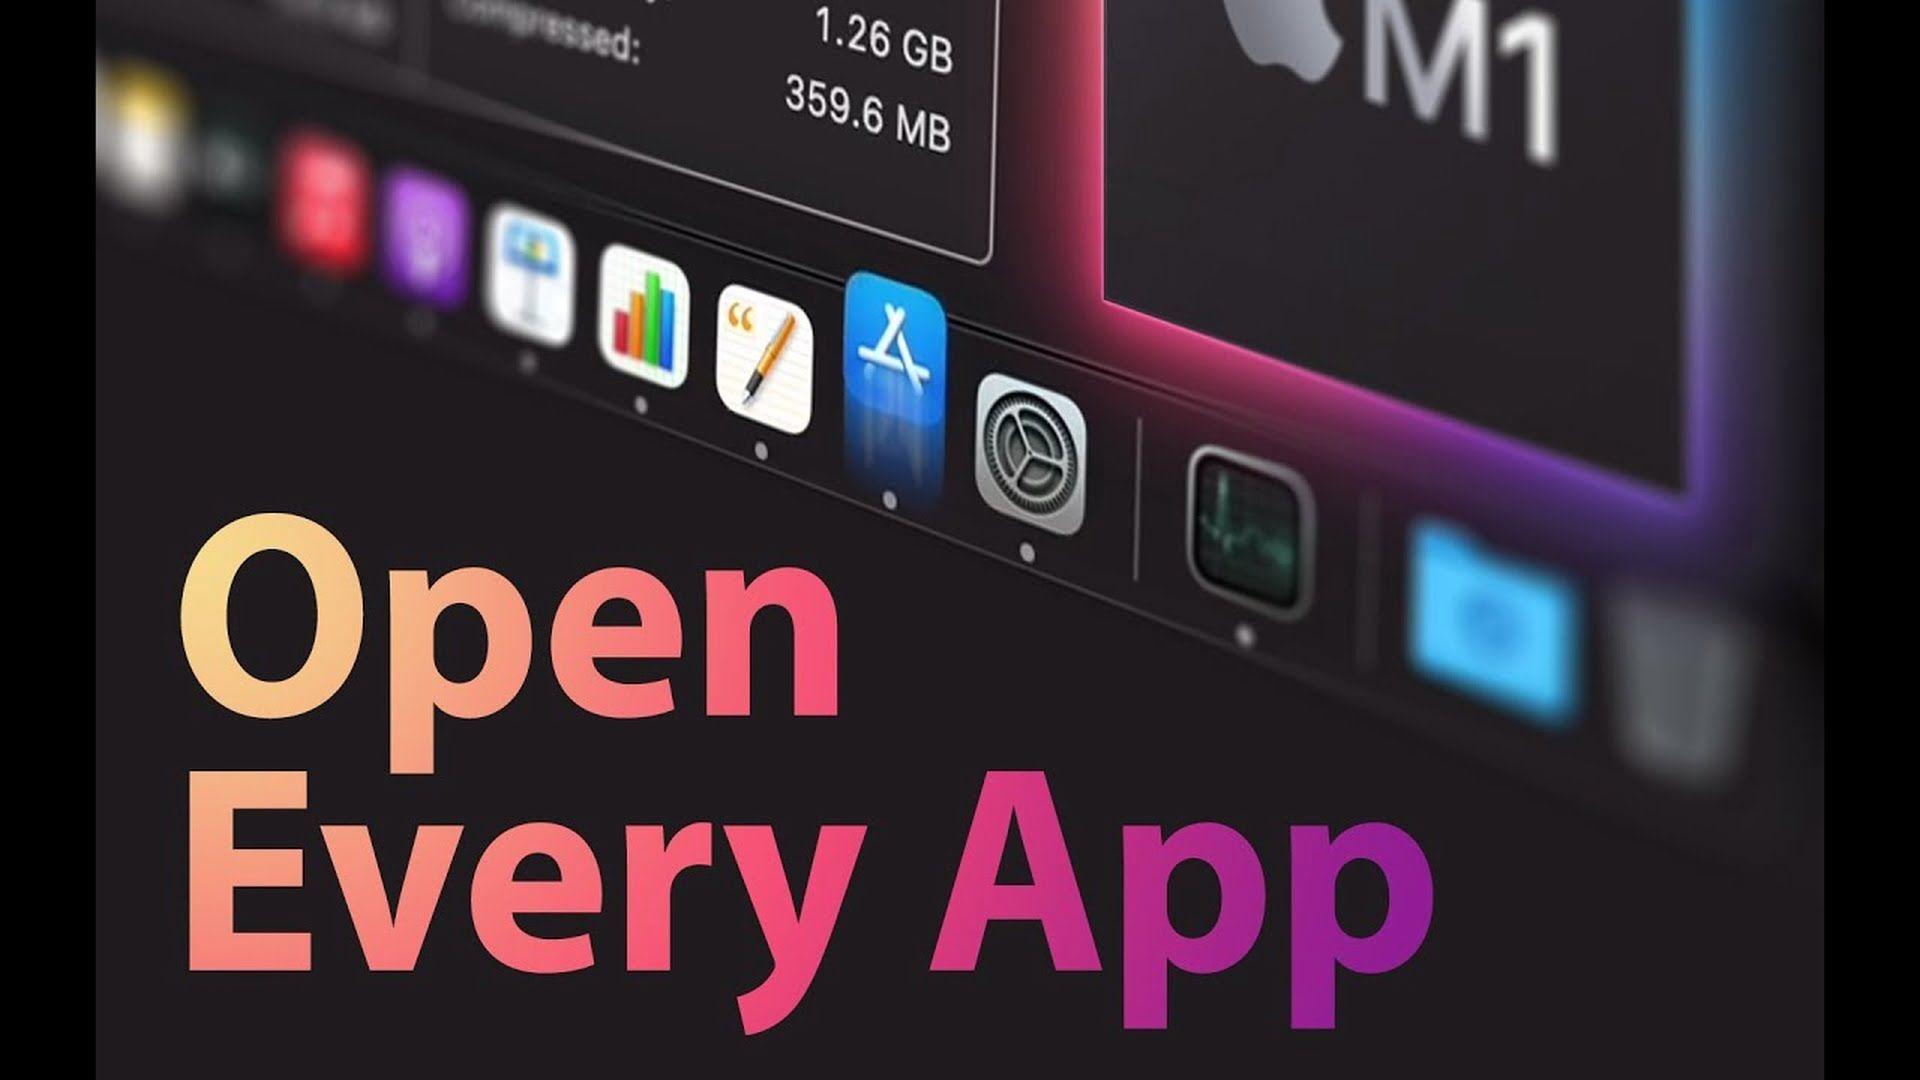 Szybkość uruchamiania aplikacji na MacBooku Air z procesorem M1